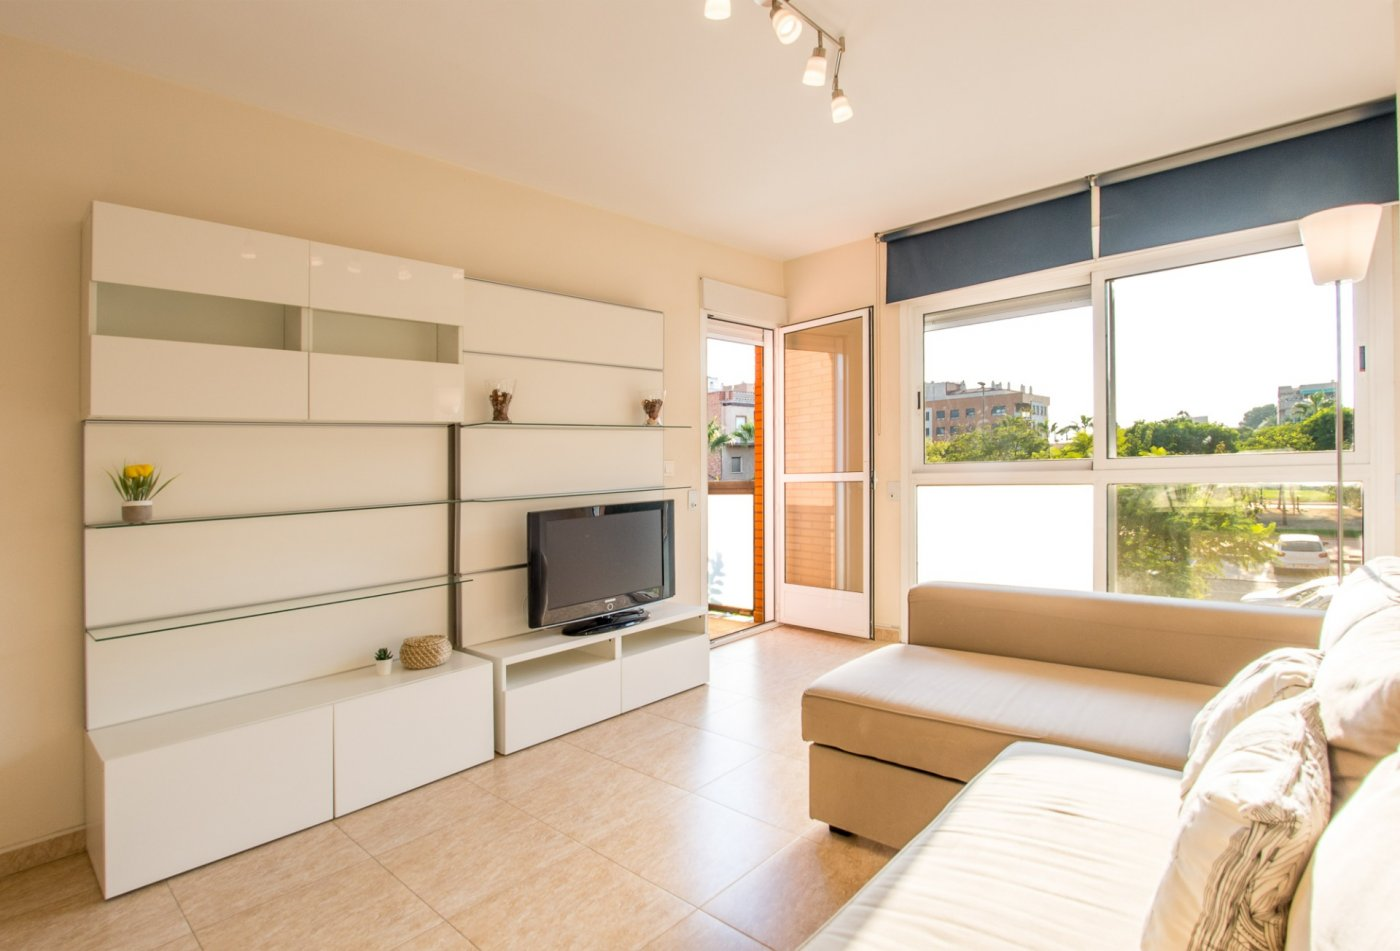 Magnífico piso en santiago el mayor - imagenInmueble2